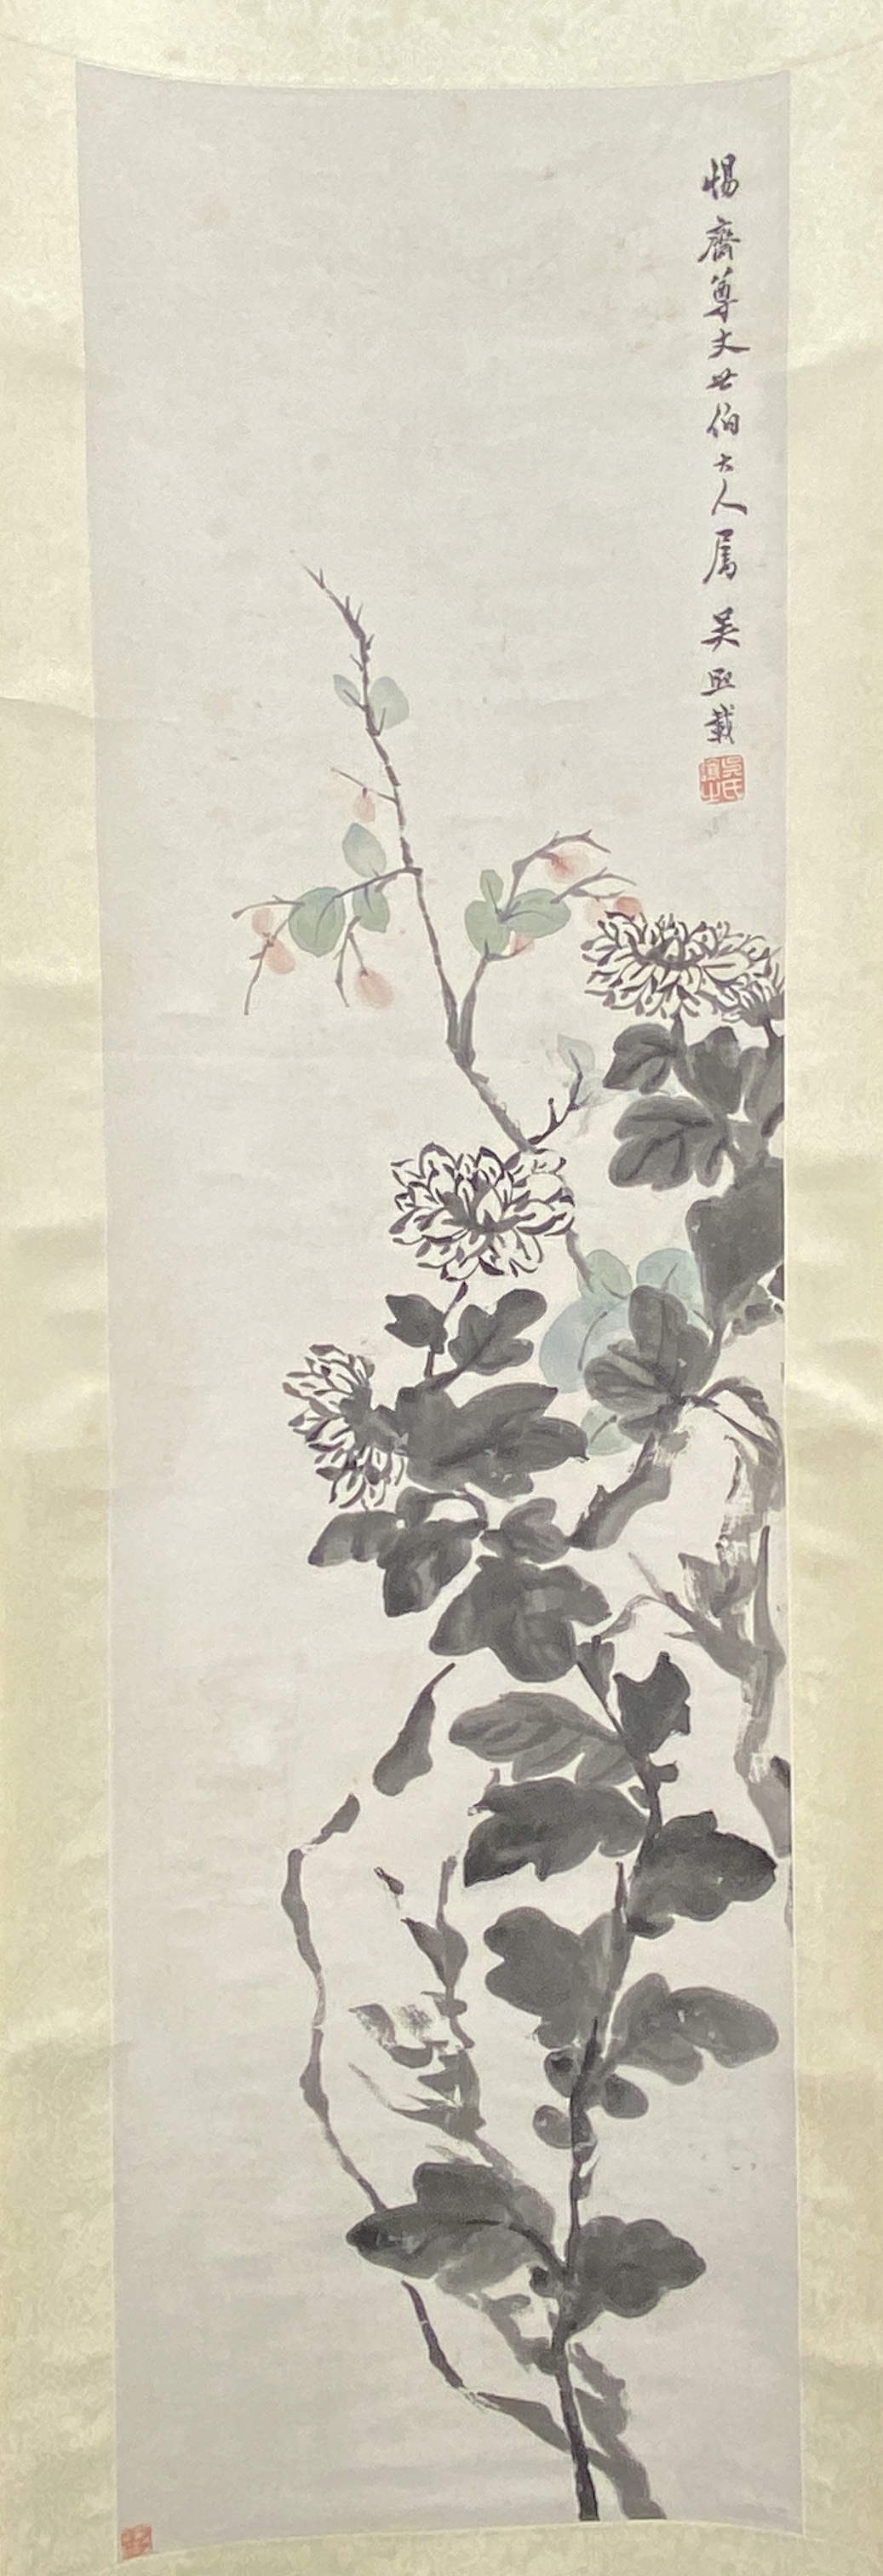 20682「呉煕載」画 花卉図 軸117×33.5cm